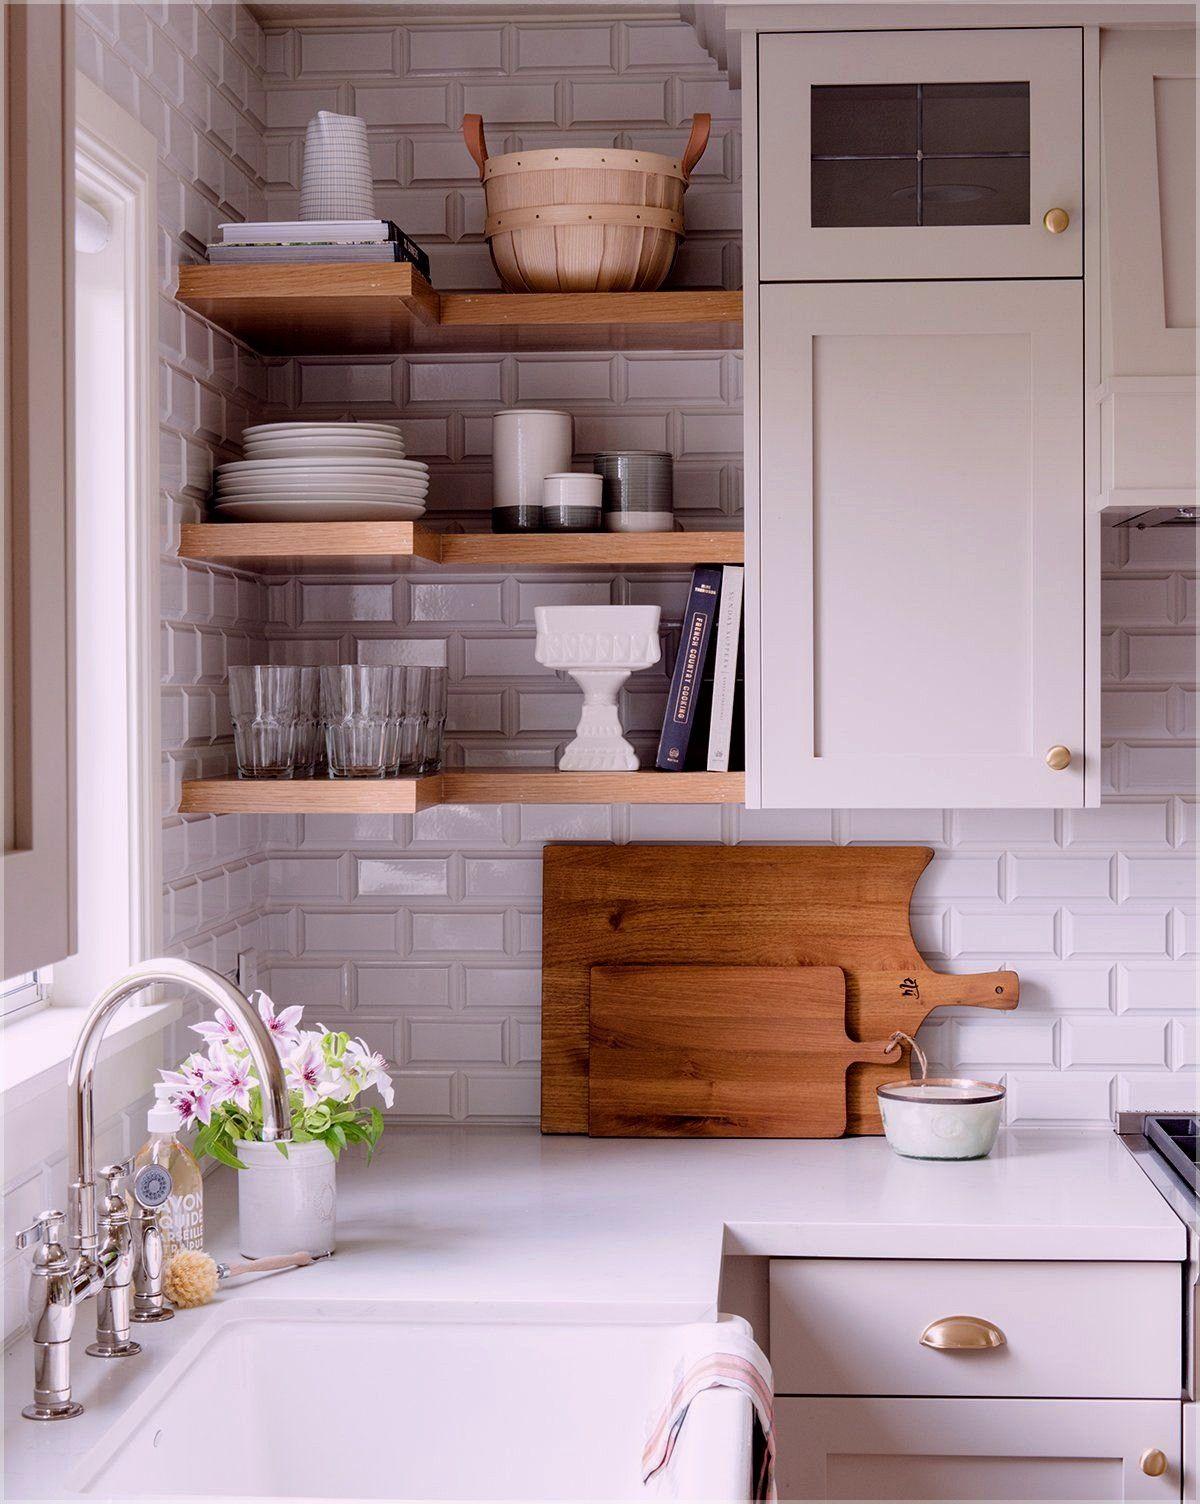 Ikea Kitchen Cupboard Storage Shelves Storage Ideas For Small Indian Kitchen Kitchen Storage Ideas Kitchen Remodel Small Kitchen Design Small Kitchen Design